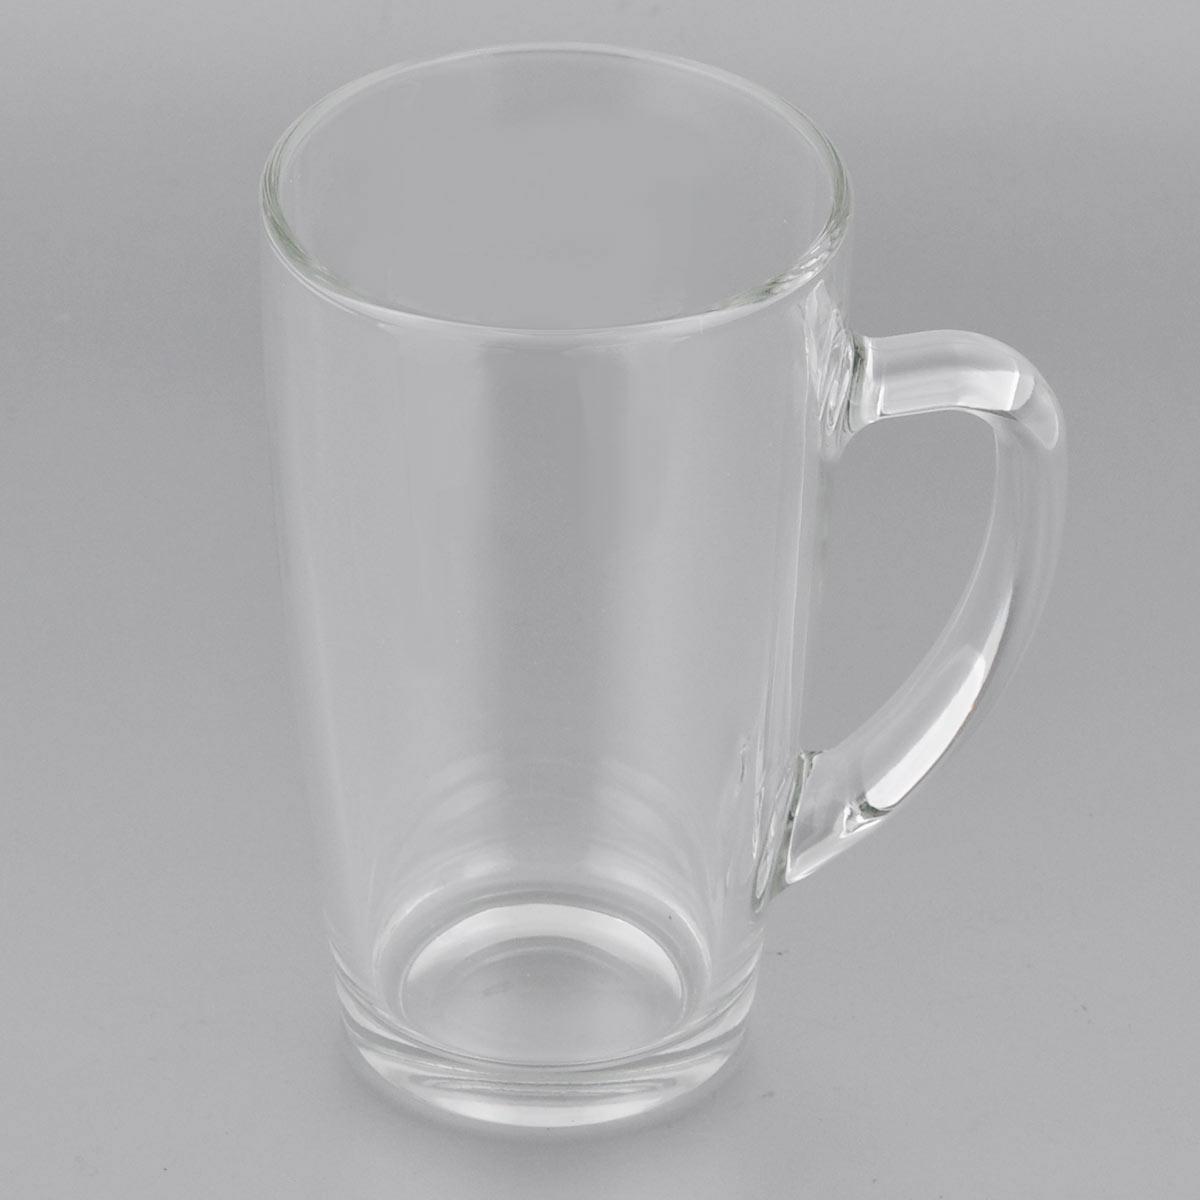 Кружка Luminarc С добрым утром, цвет: прозрачный, 400 мл115510Кружка Luminarc С добрым утром изготовлена из упрочнённого стекла. Такая кружка прекрасно подойдет для горячих (выдерживает температуру от 0°С до 110°С) и холодных напитков. Она дополнит коллекцию вашей кухонной посуды и будет служить долгие годы. Можно использовать в посудомоечной машине и СВЧ. Объем кружки: 400 мл. Диаметр кружки (по верхнему краю): 8 см. Высота стенки кружки: 13 см.